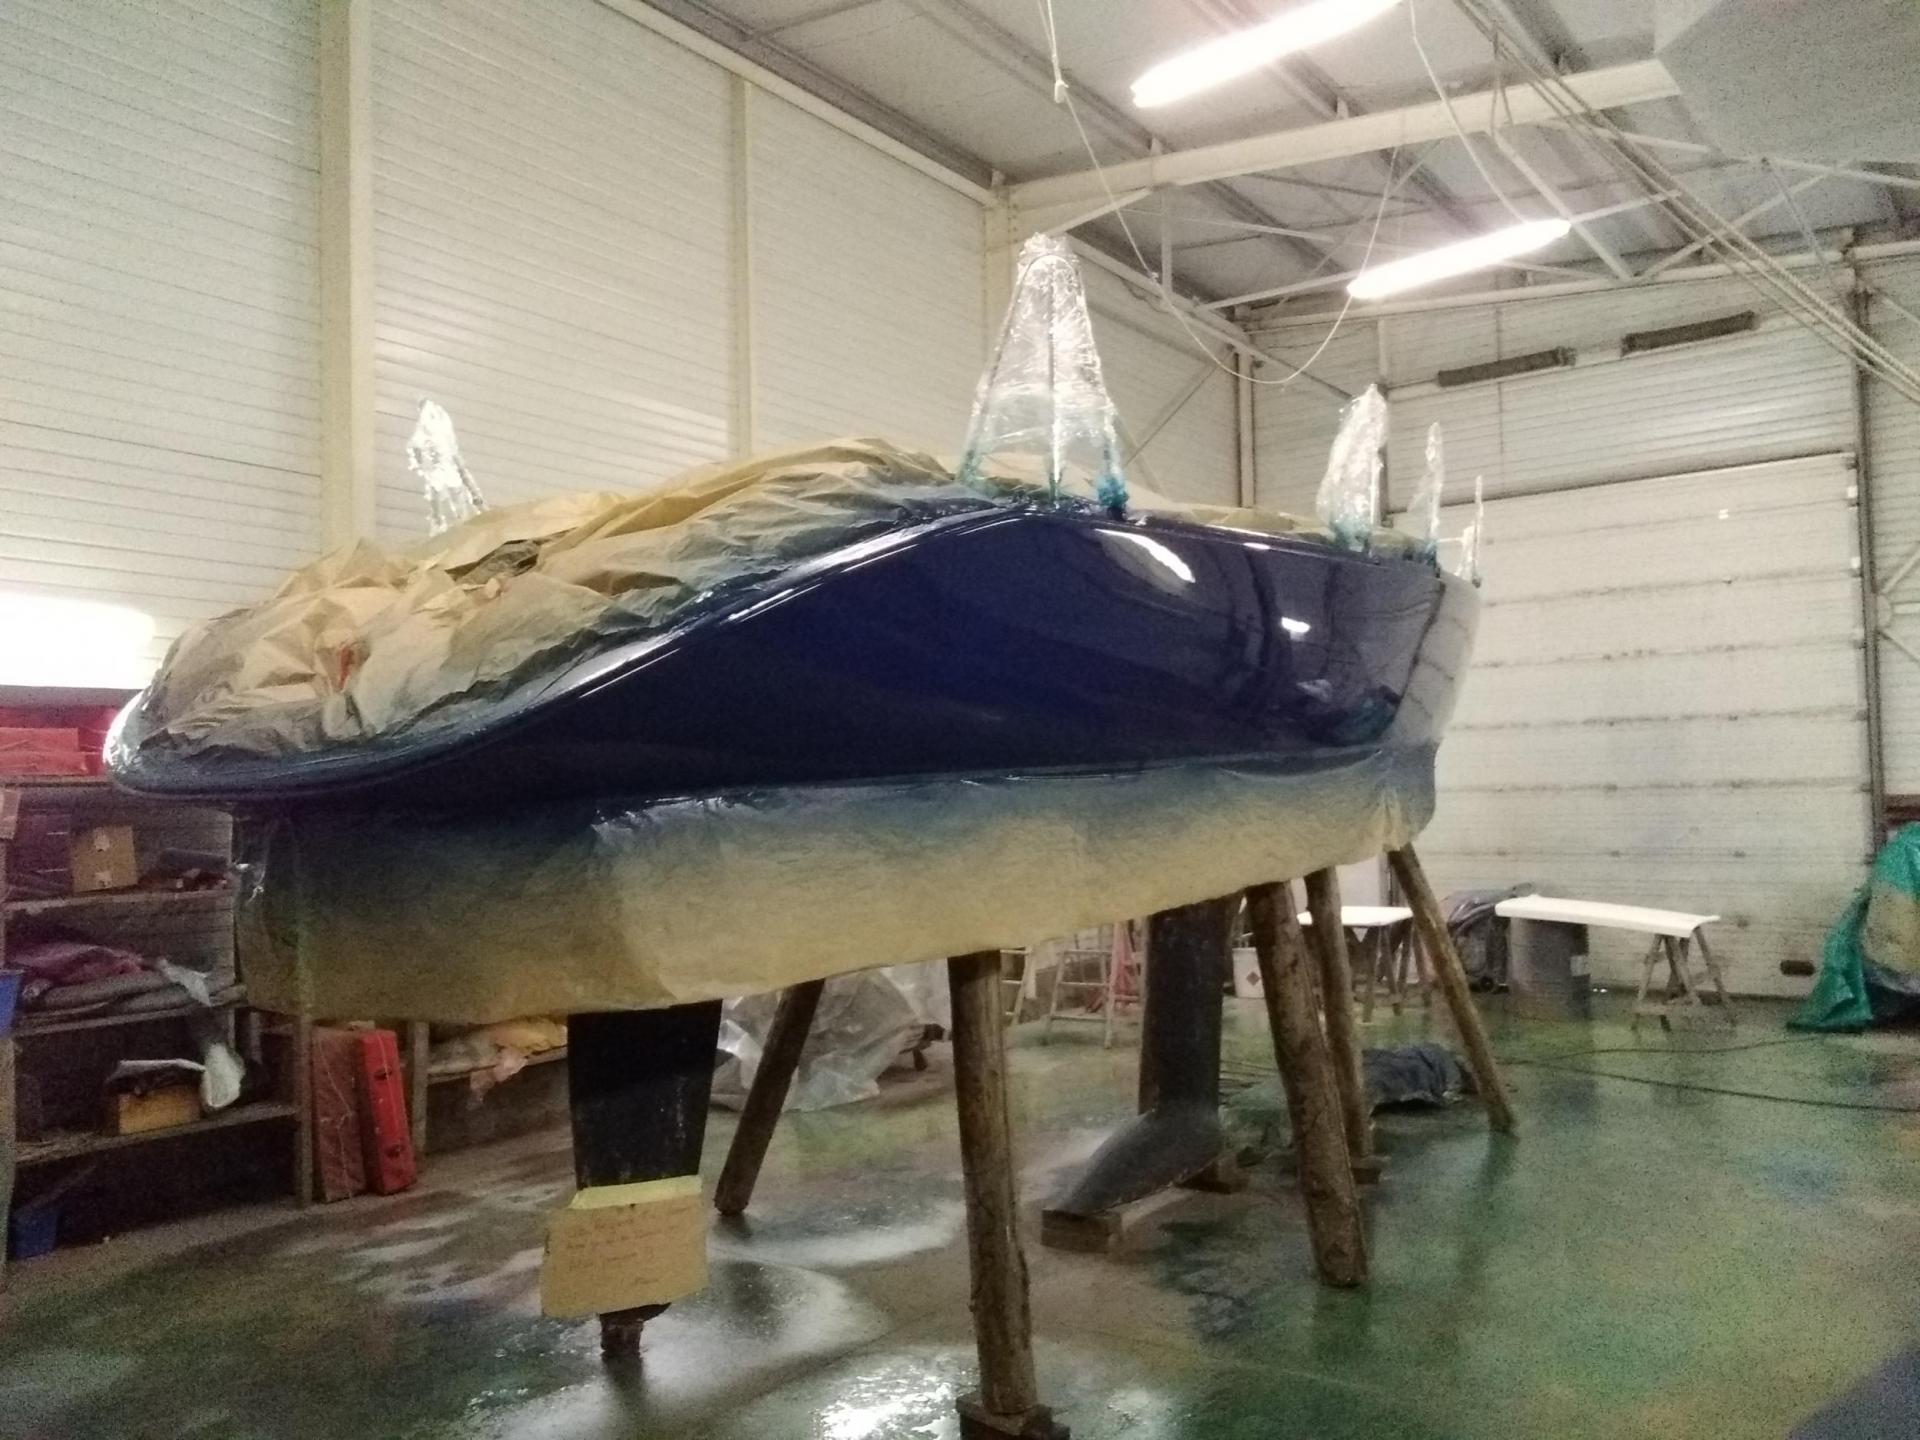 faire une peinture de coque dans le morbihan chantier naval